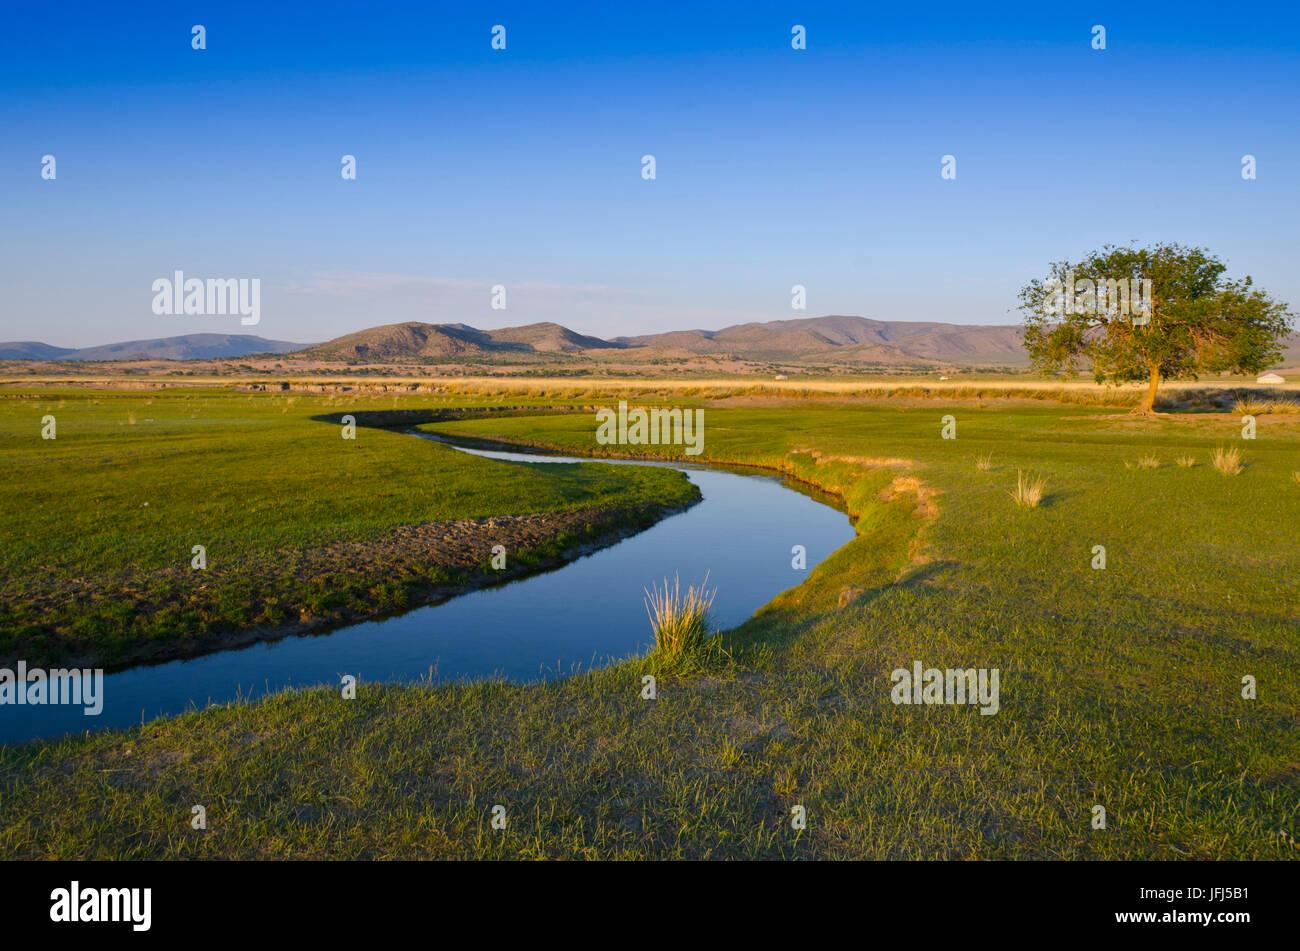 La Mongolie, l'Asie centrale, camp dans le paysage de steppe de Gurvanbulag, rivière Banque D'Images